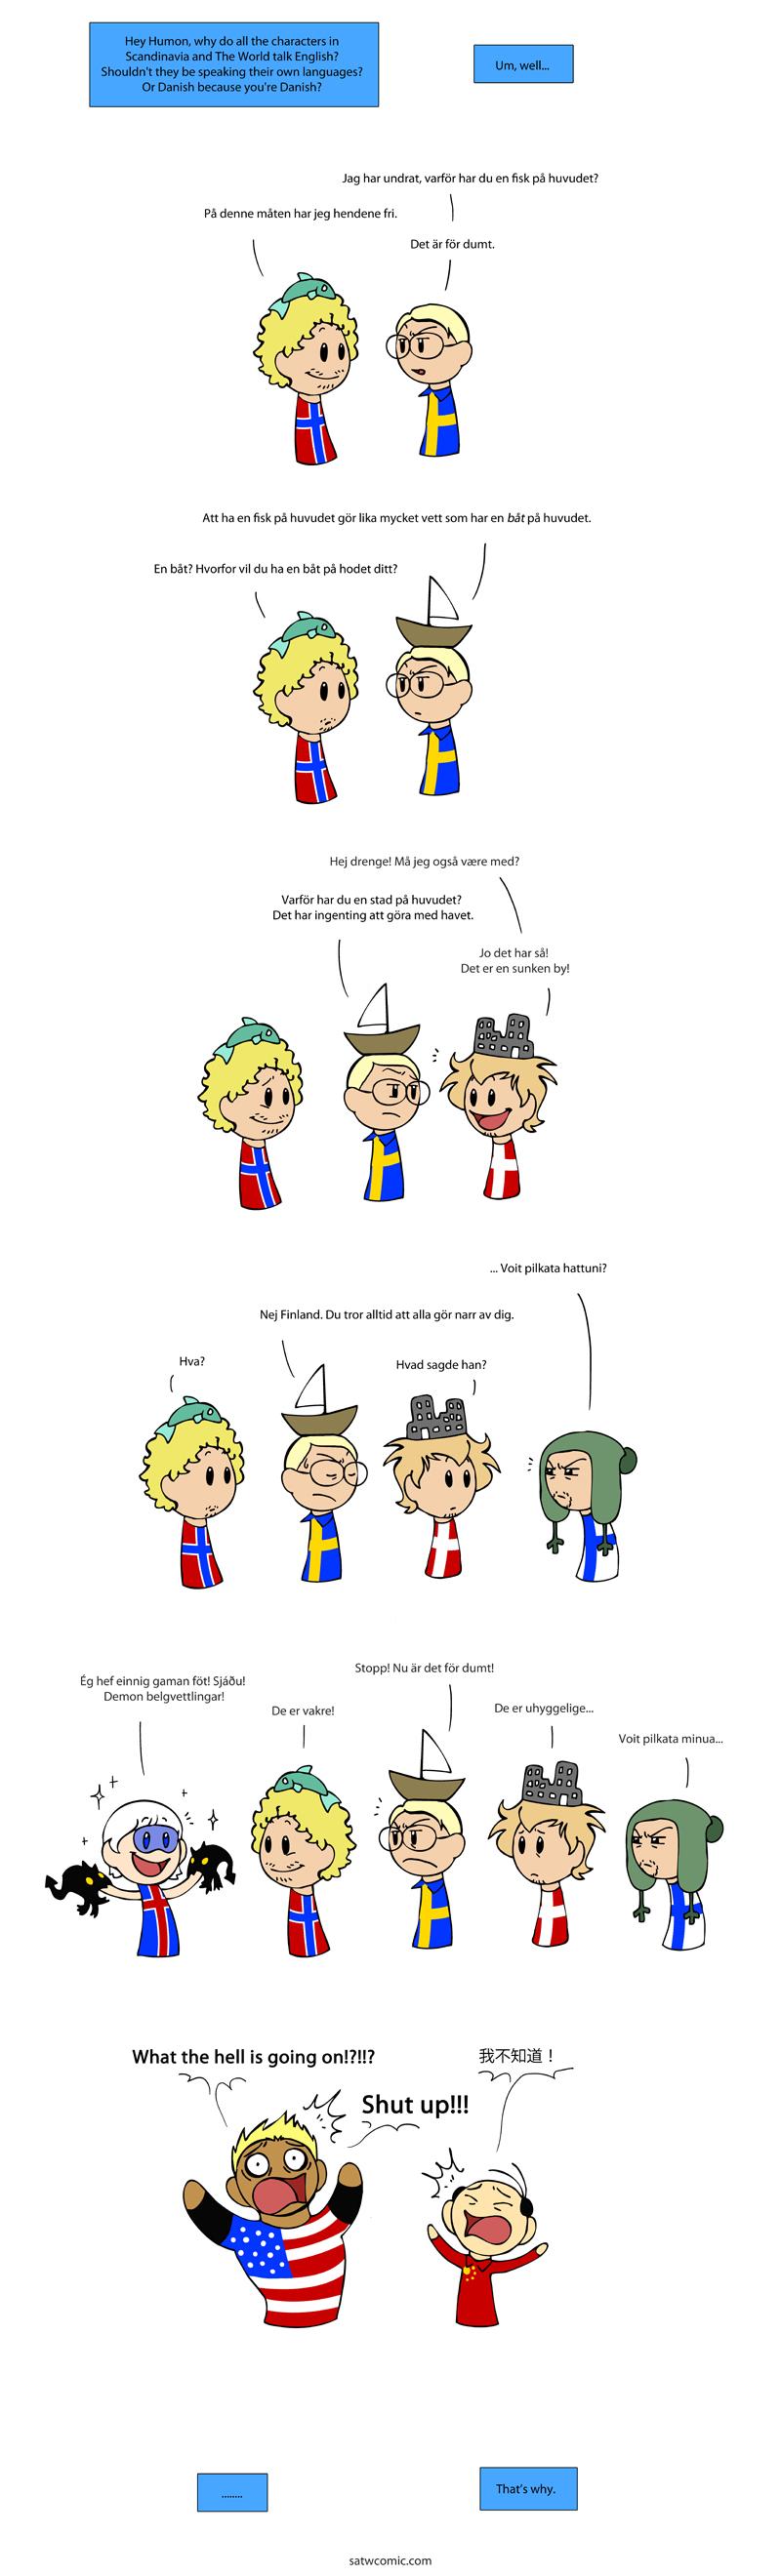 Not English scandinavia.io